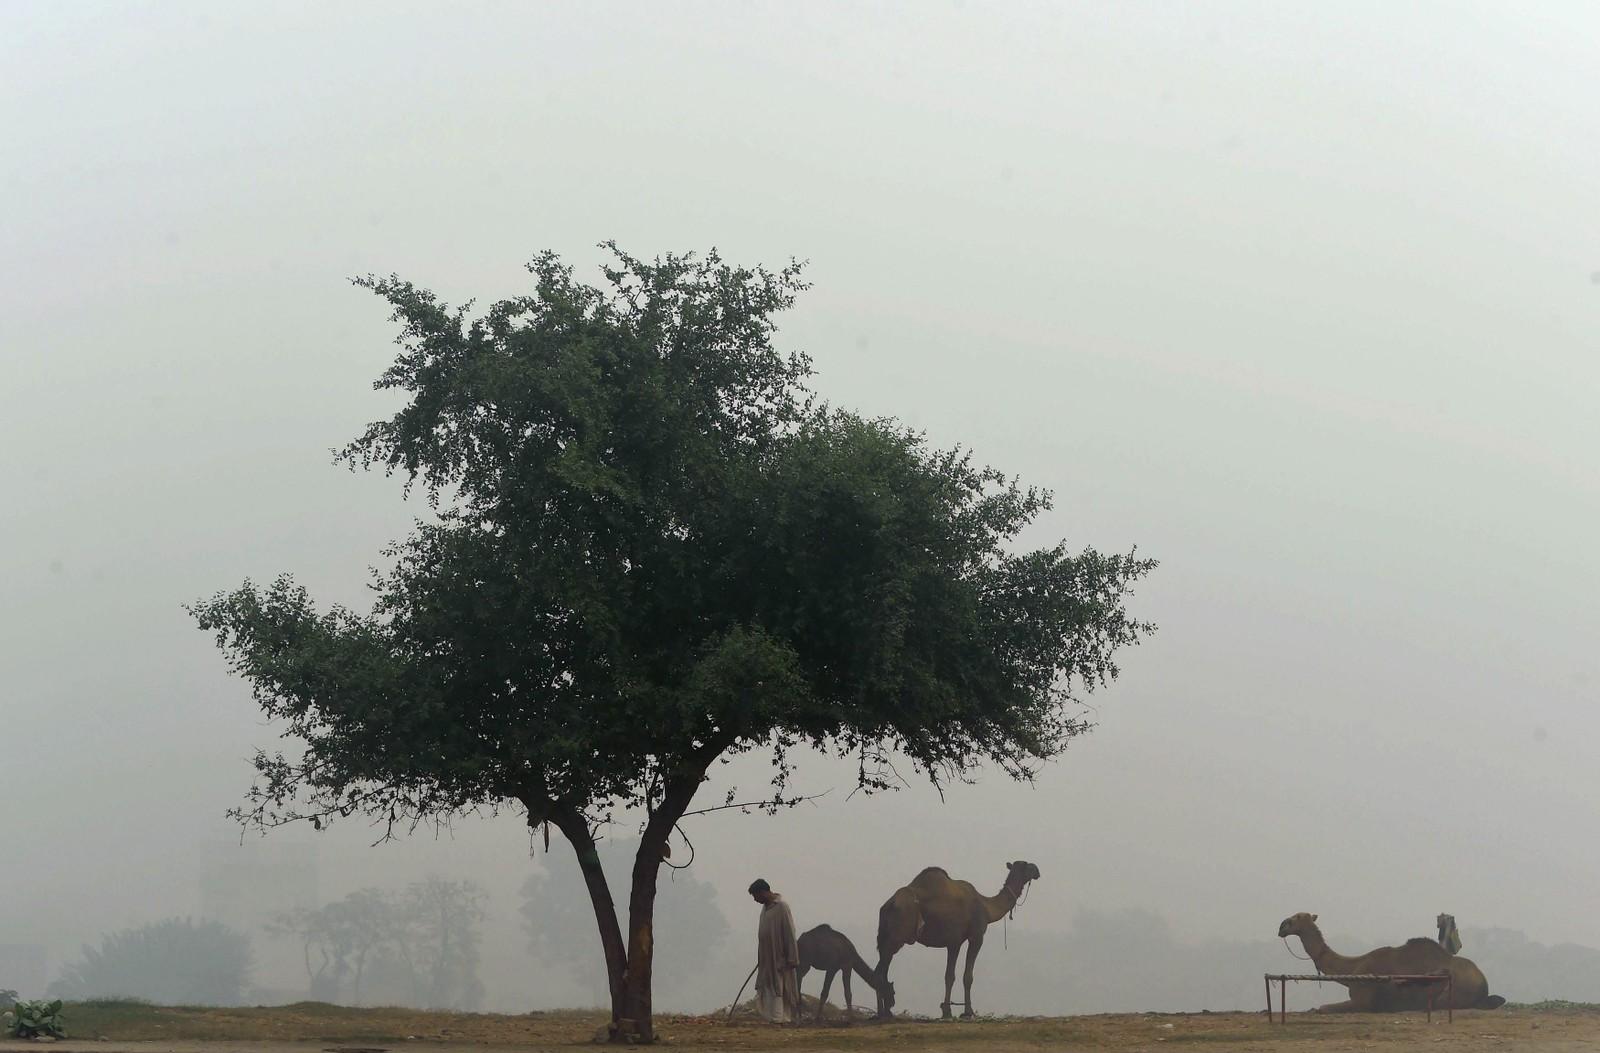 Vakkert, men luften er forurenset. Lahore i Pakistan opplevde flere dager med smog denne uken.